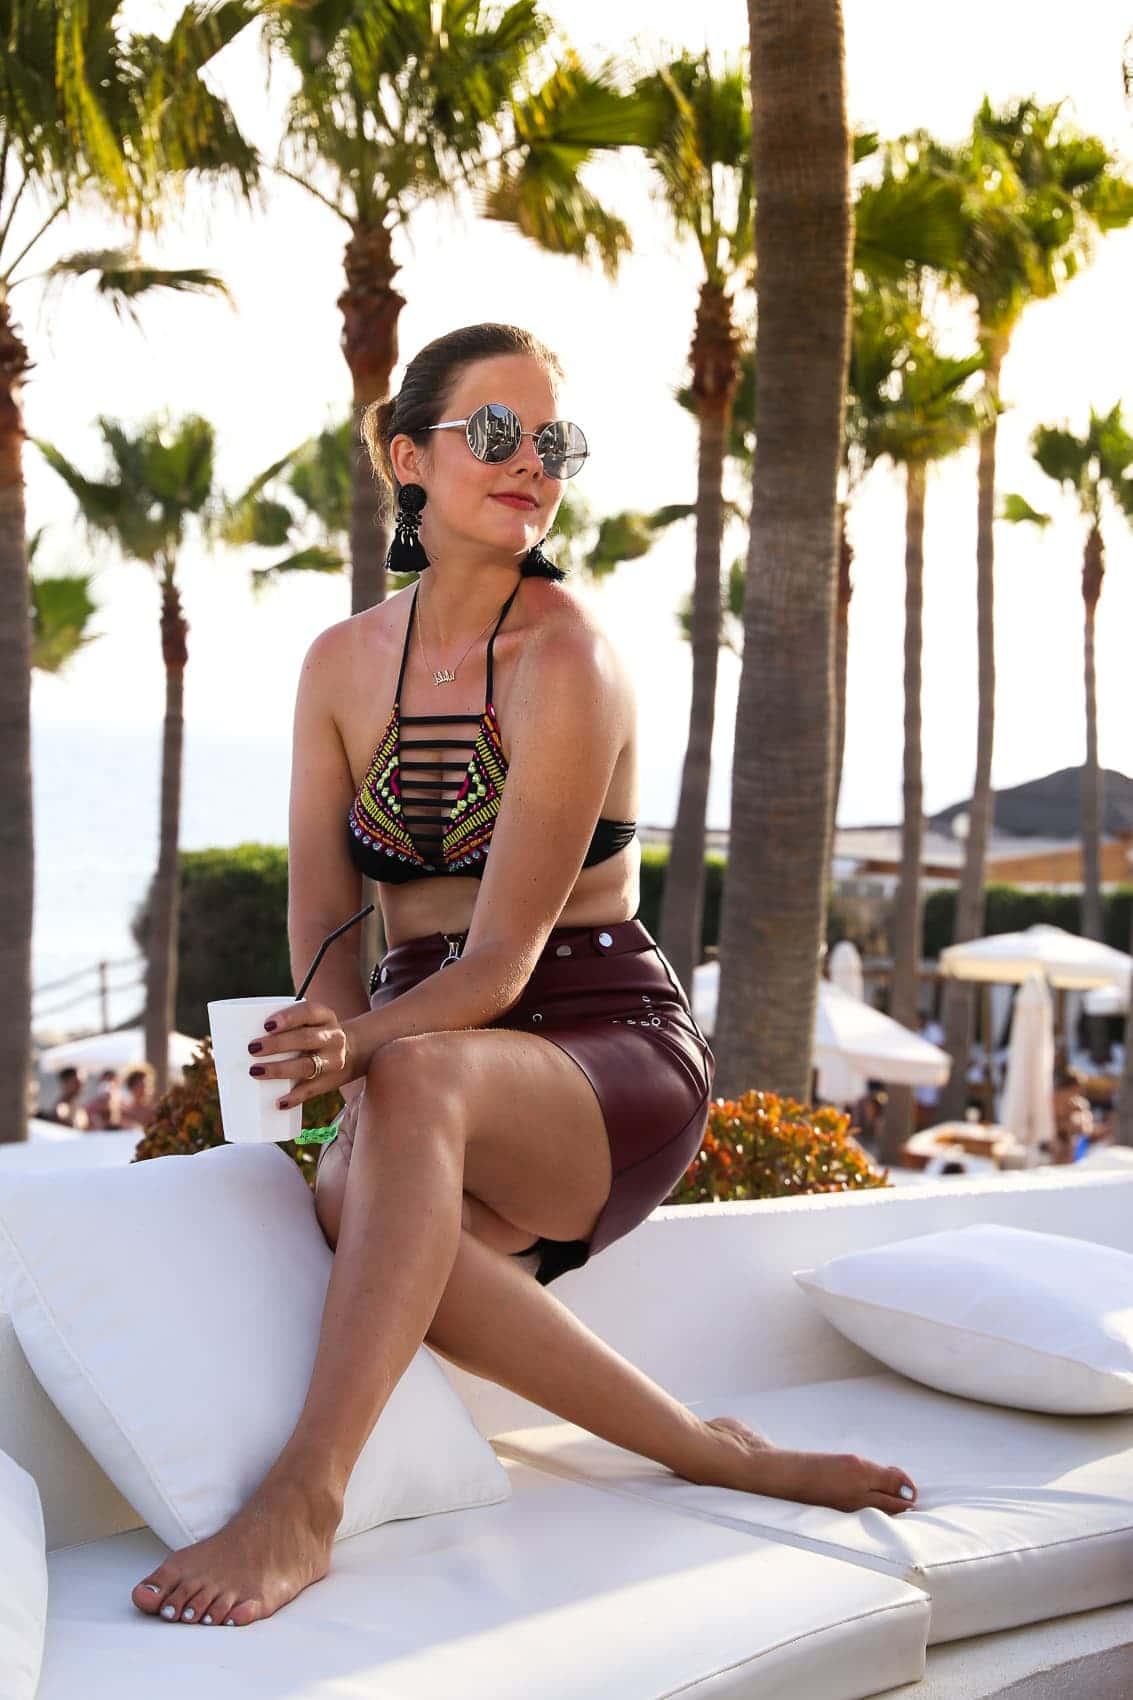 Meine Bikinis Trends 2017 und wo ihr sie im Sale nachshoppen könnt: Calzedonia Bikini in Marbella, Nikki Beach Club